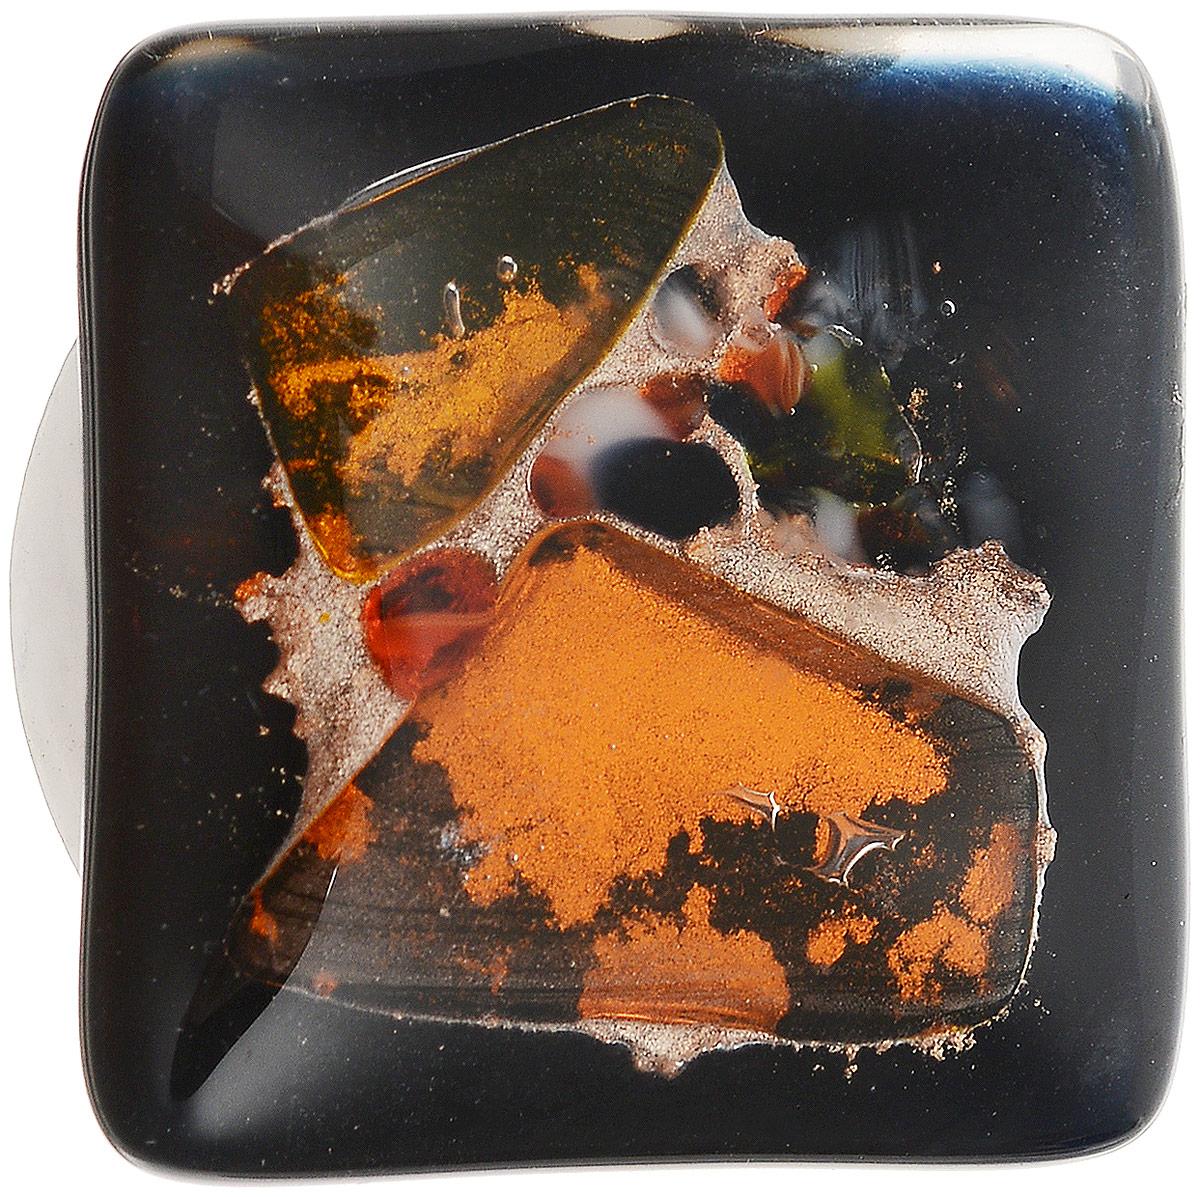 Брошь Сотворение мира. Муранское стекло, магнит, ручная работа. Murano, Италия (Венеция)pokka-3938-40-1Брошь Сотворение мира. Муранское стекло, магнит, ручная работа. Murano, Италия (Венеция). Размер - 3 х 3 см. Тип крепления - магнит. Брошь можно носить на одежде, шляпе, рюкзаке или сумке. Каждое изделие из муранского стекла уникально и может незначительно отличаться от того, что вы видите на фотографии.